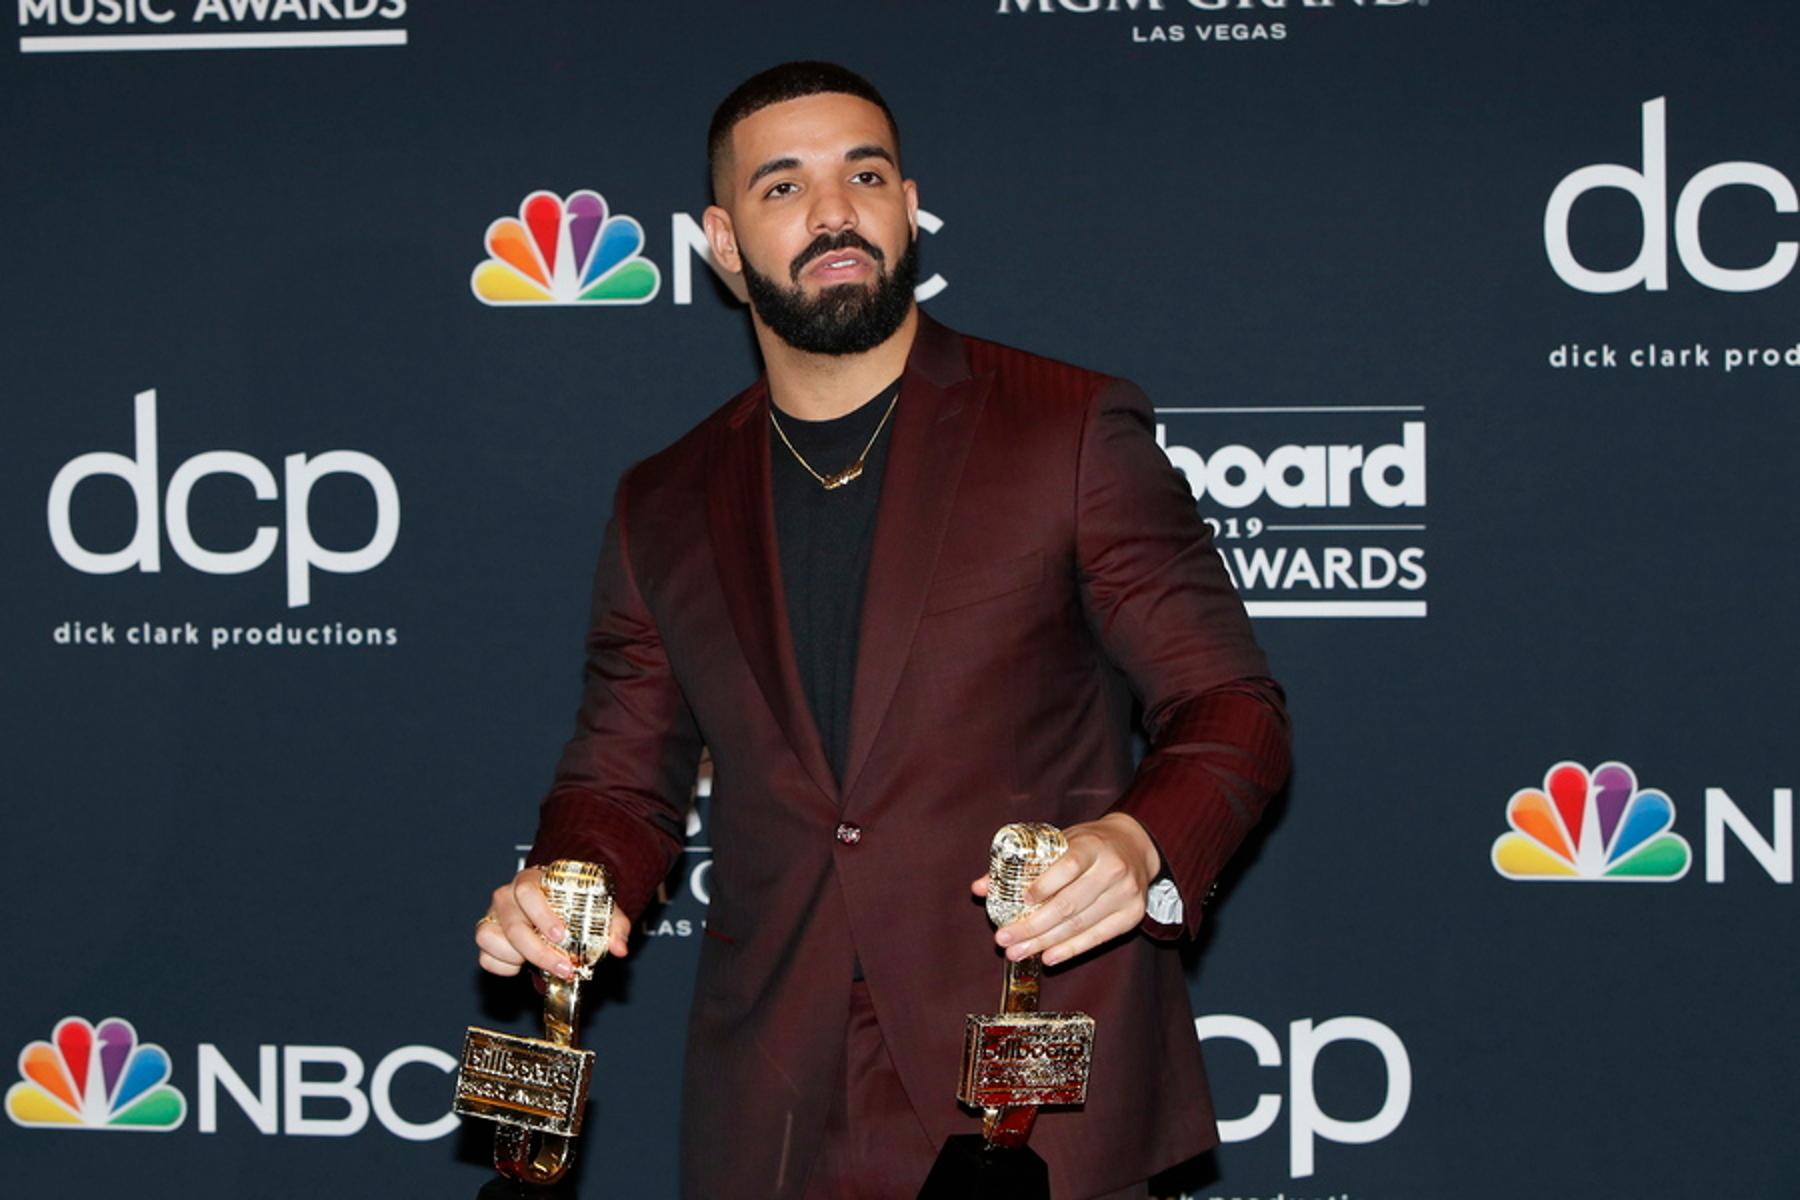 Καναδάς: Μάθημα στα πανεπιστήμια οι τραγουδιστές Drake και The Weeknd